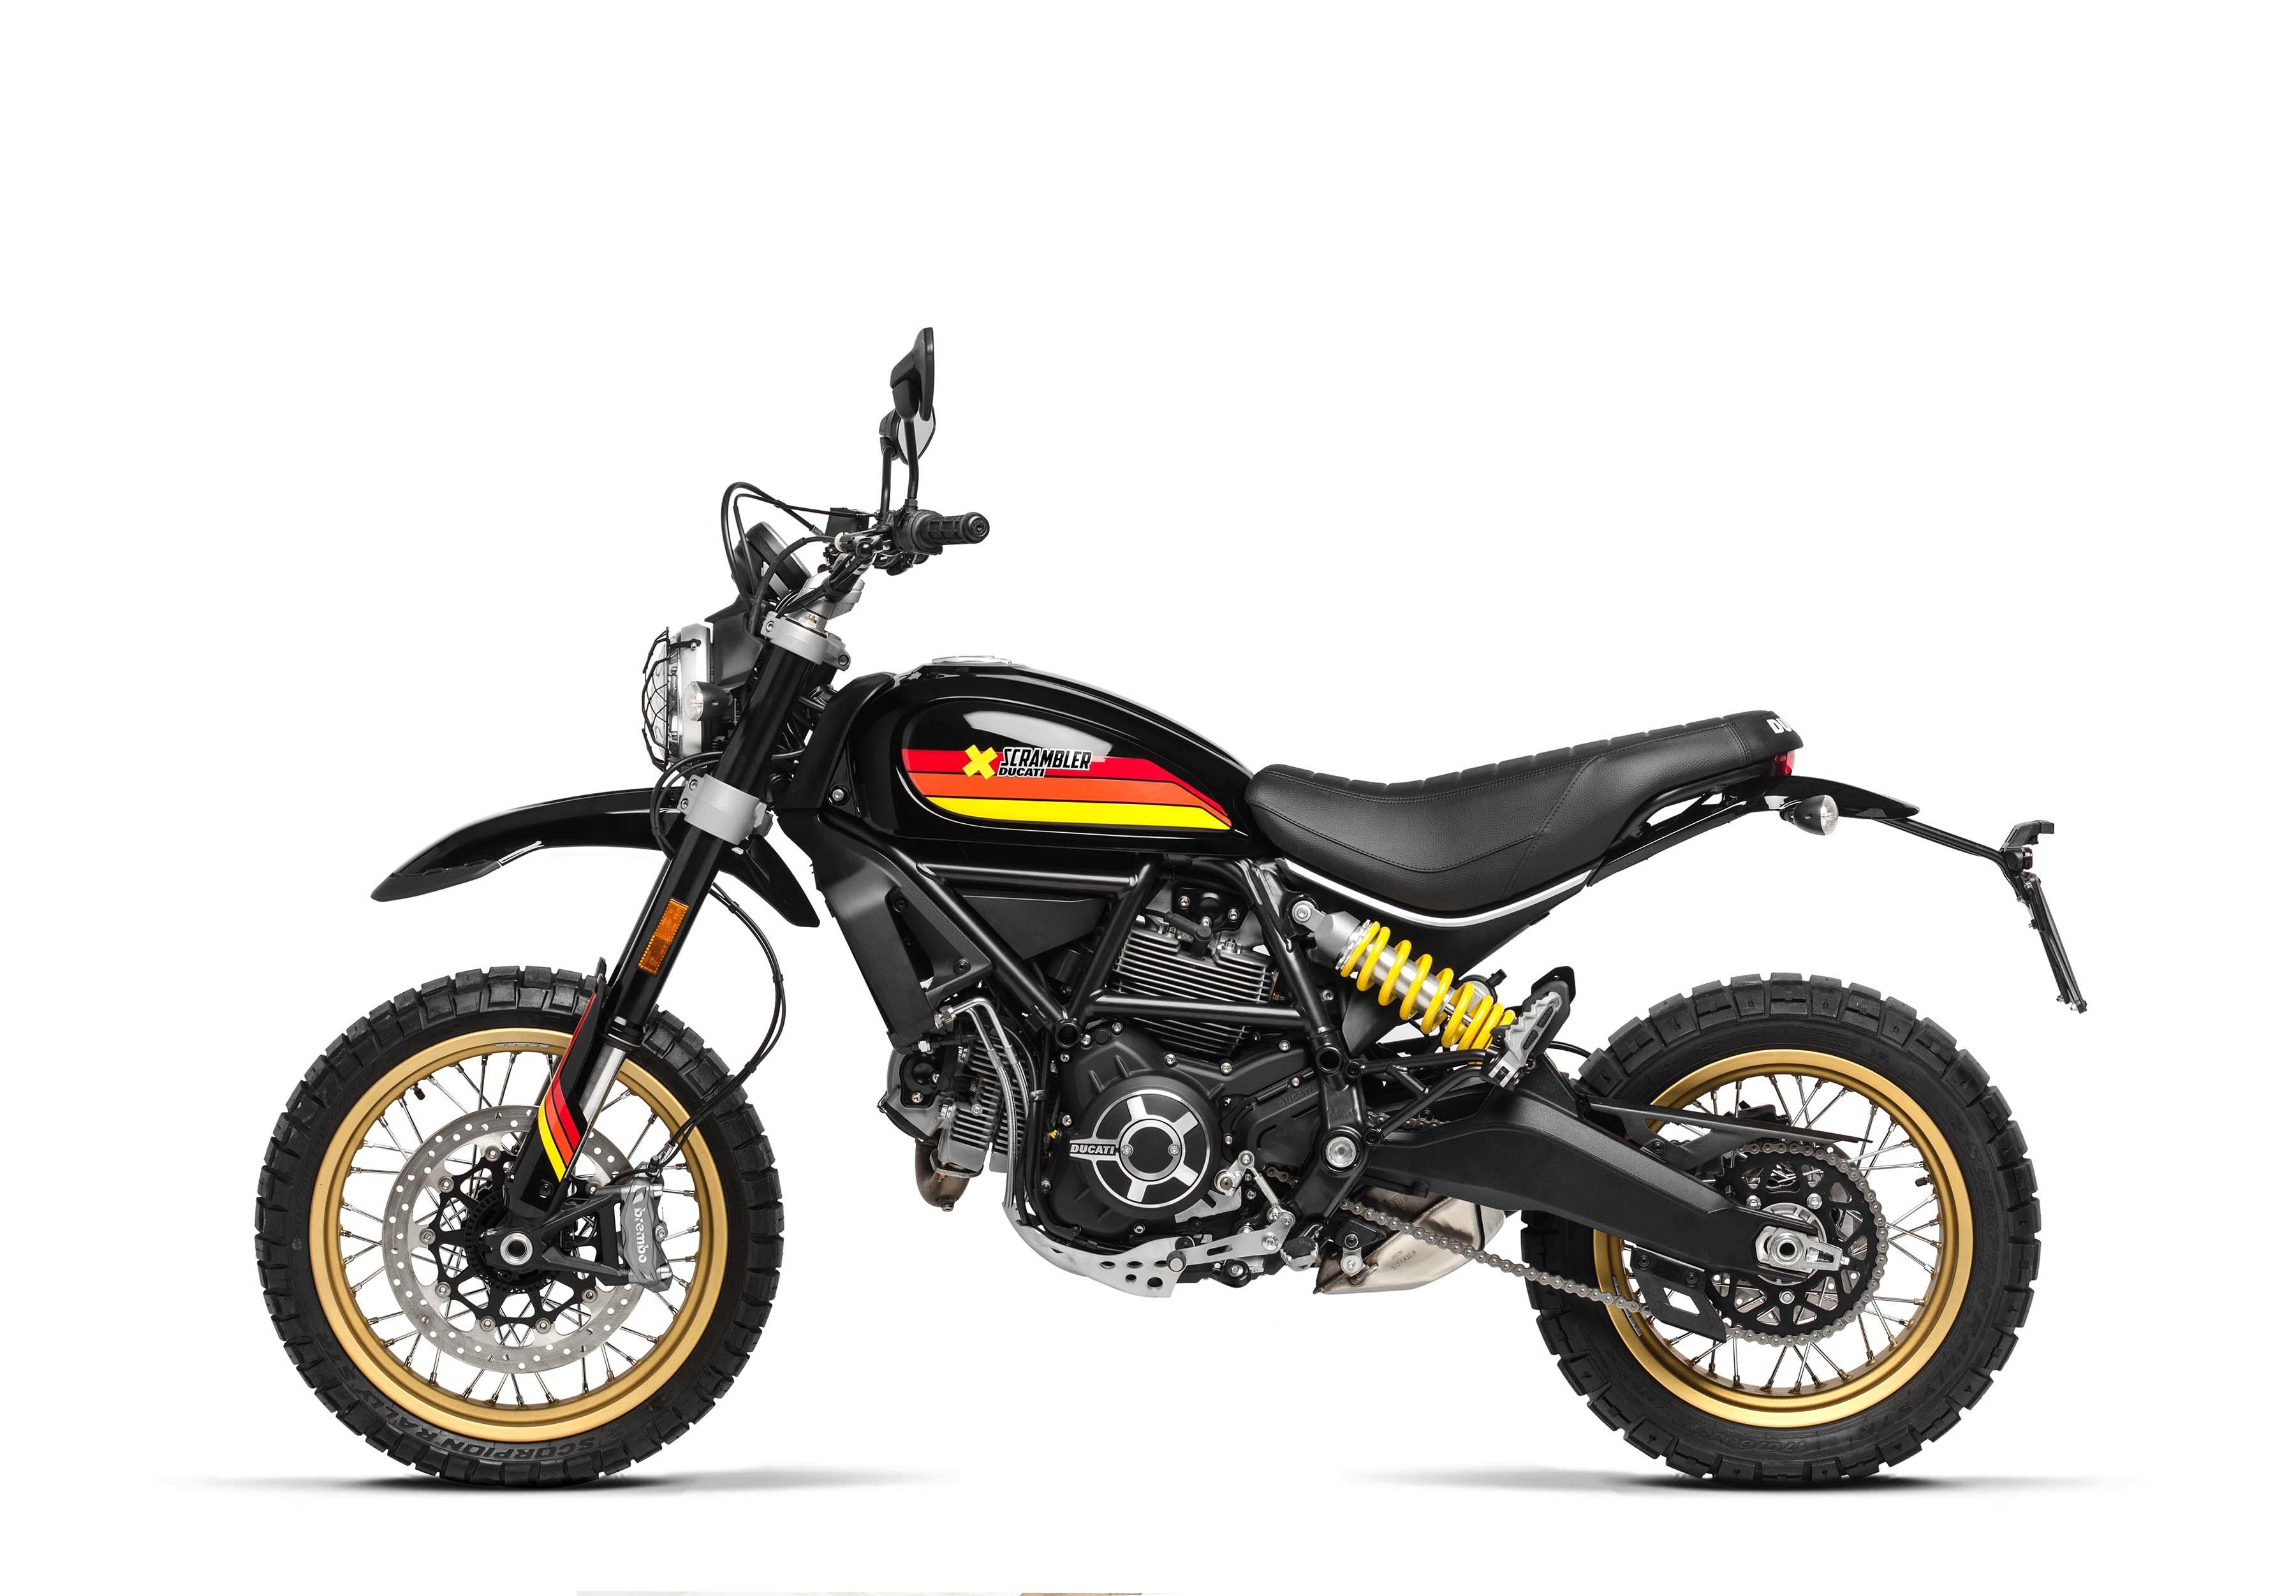 2018-Ducati-Scrambler-Desert-Sled-01.jpg